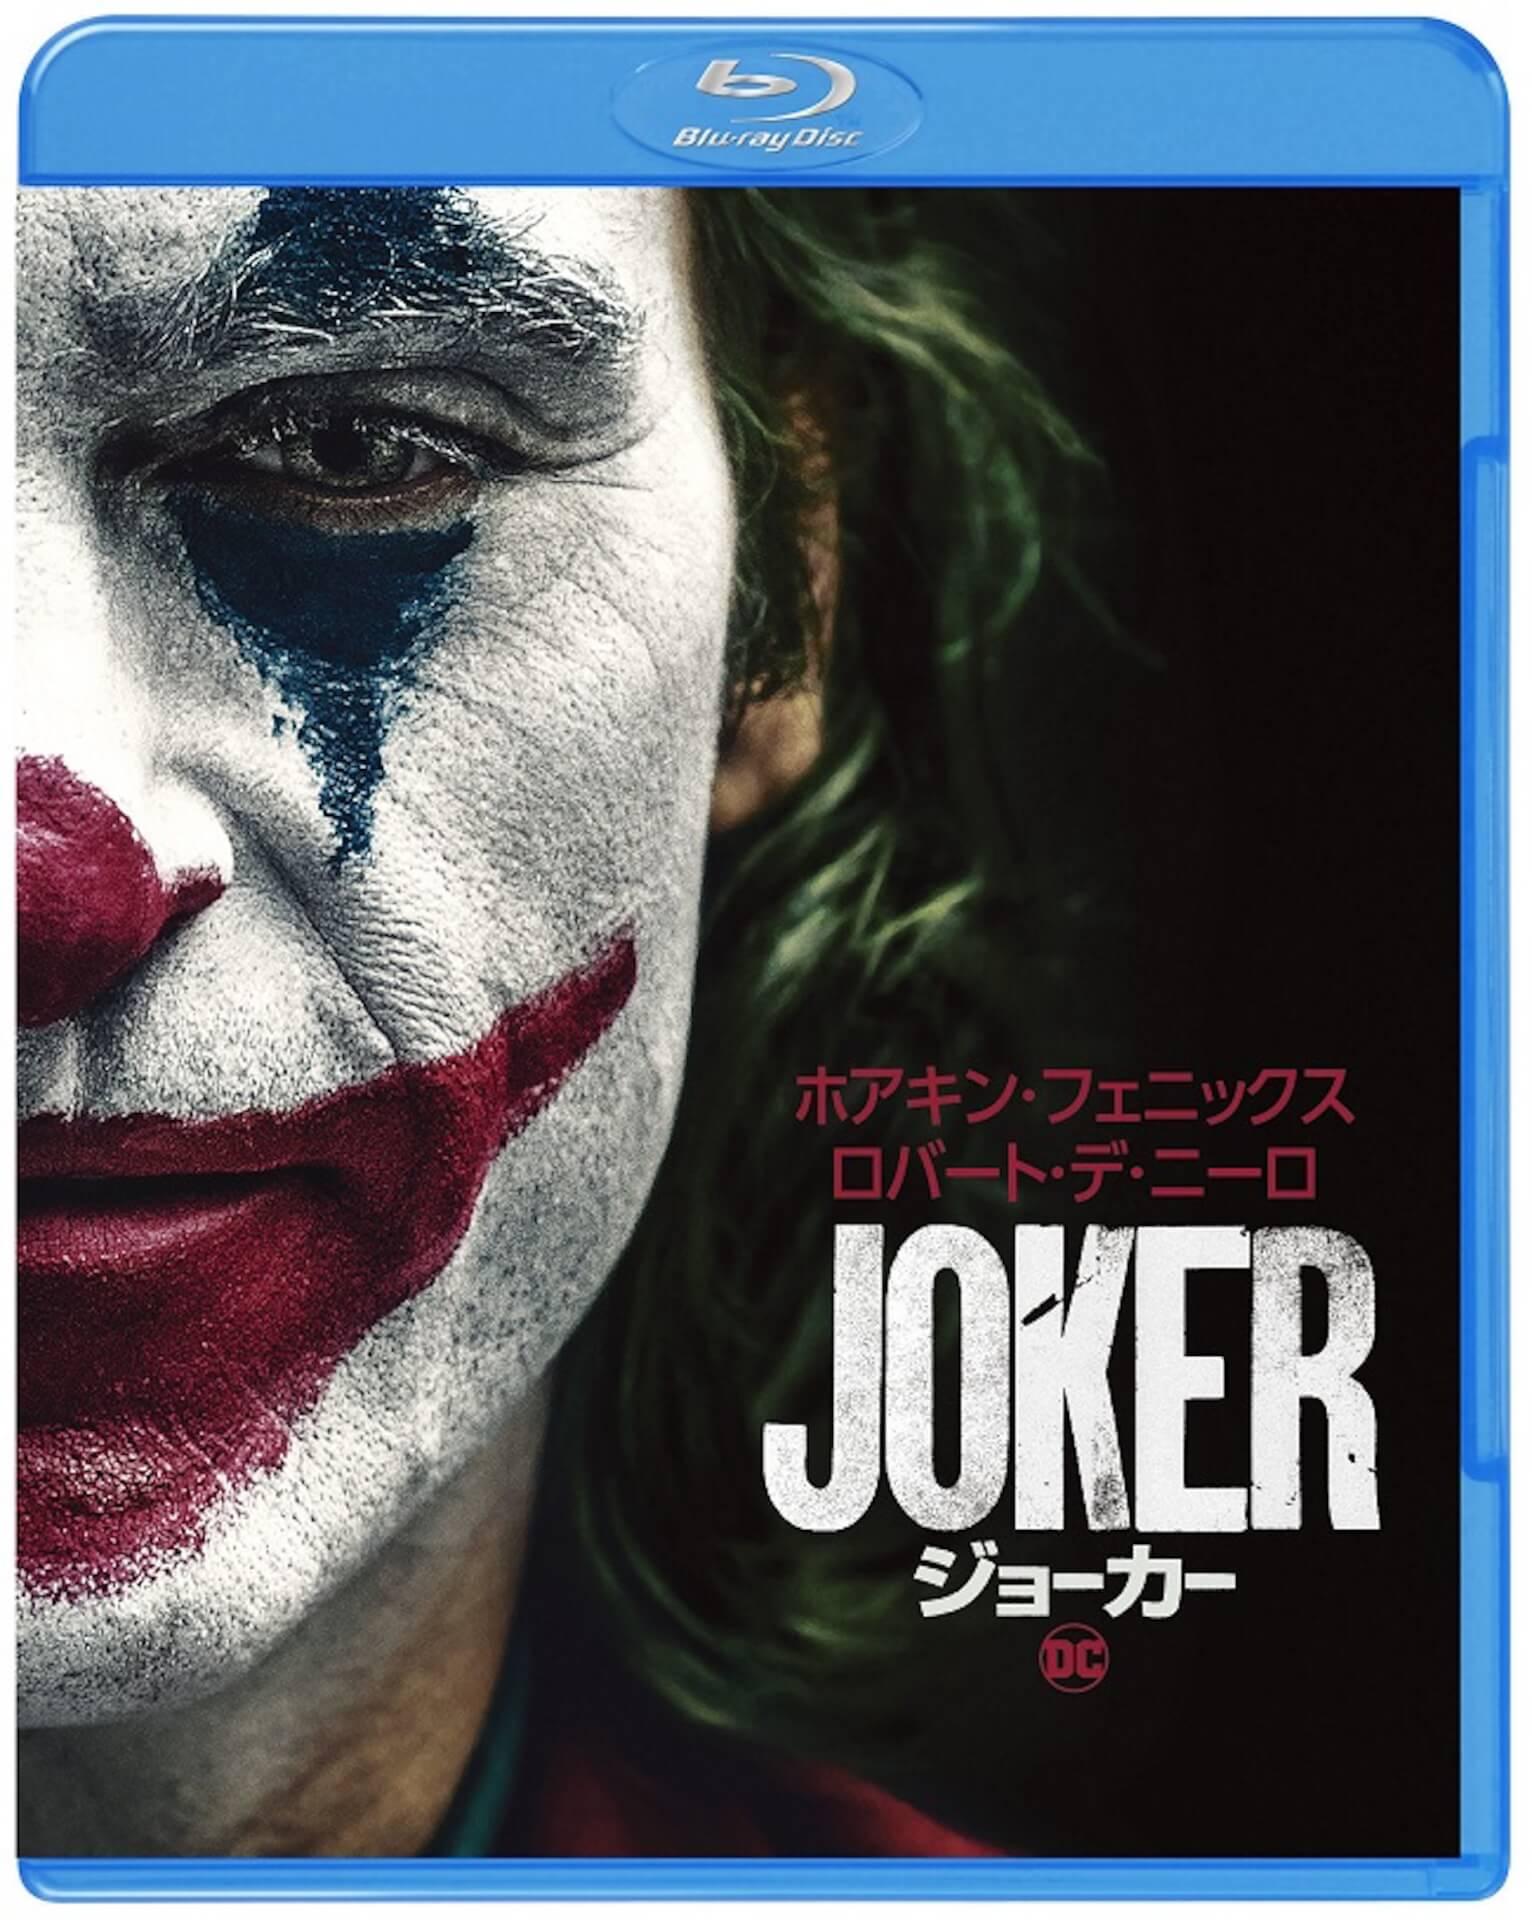 『ジョーカー』ついに劇場公開終了が決定!公開は来年1月まで|興収50億円突破 film191217_joker_4